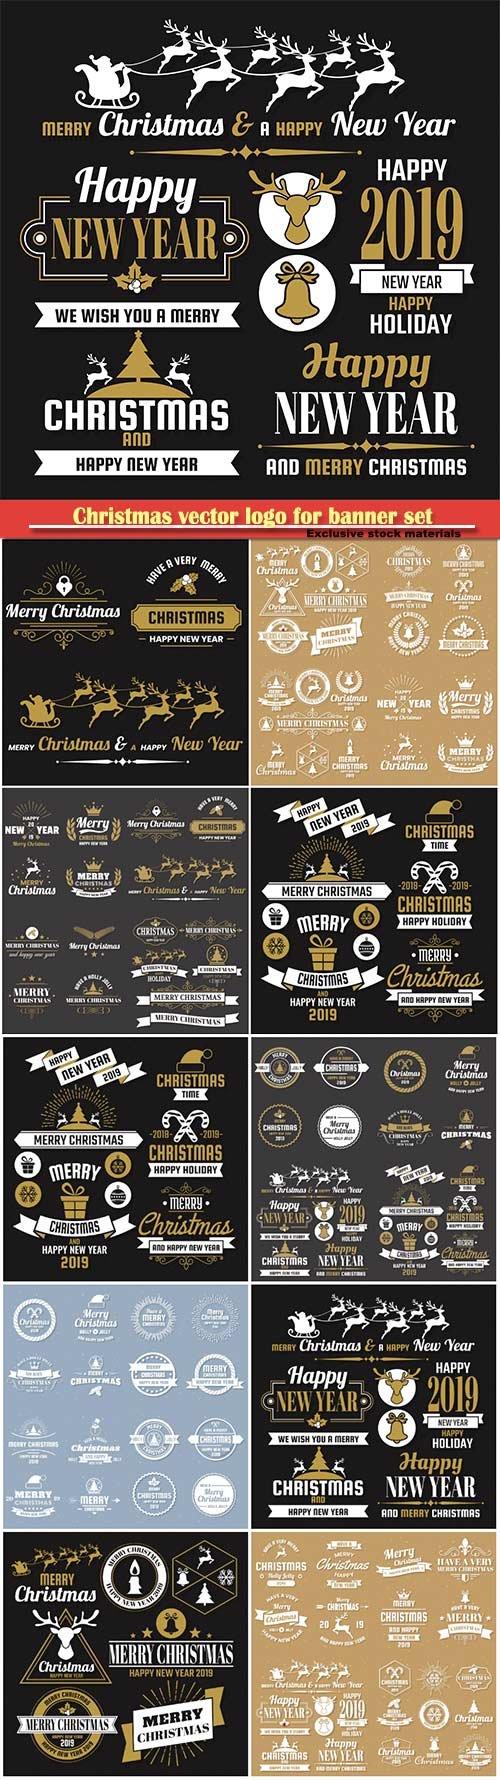 Christmas vector logo for banner set